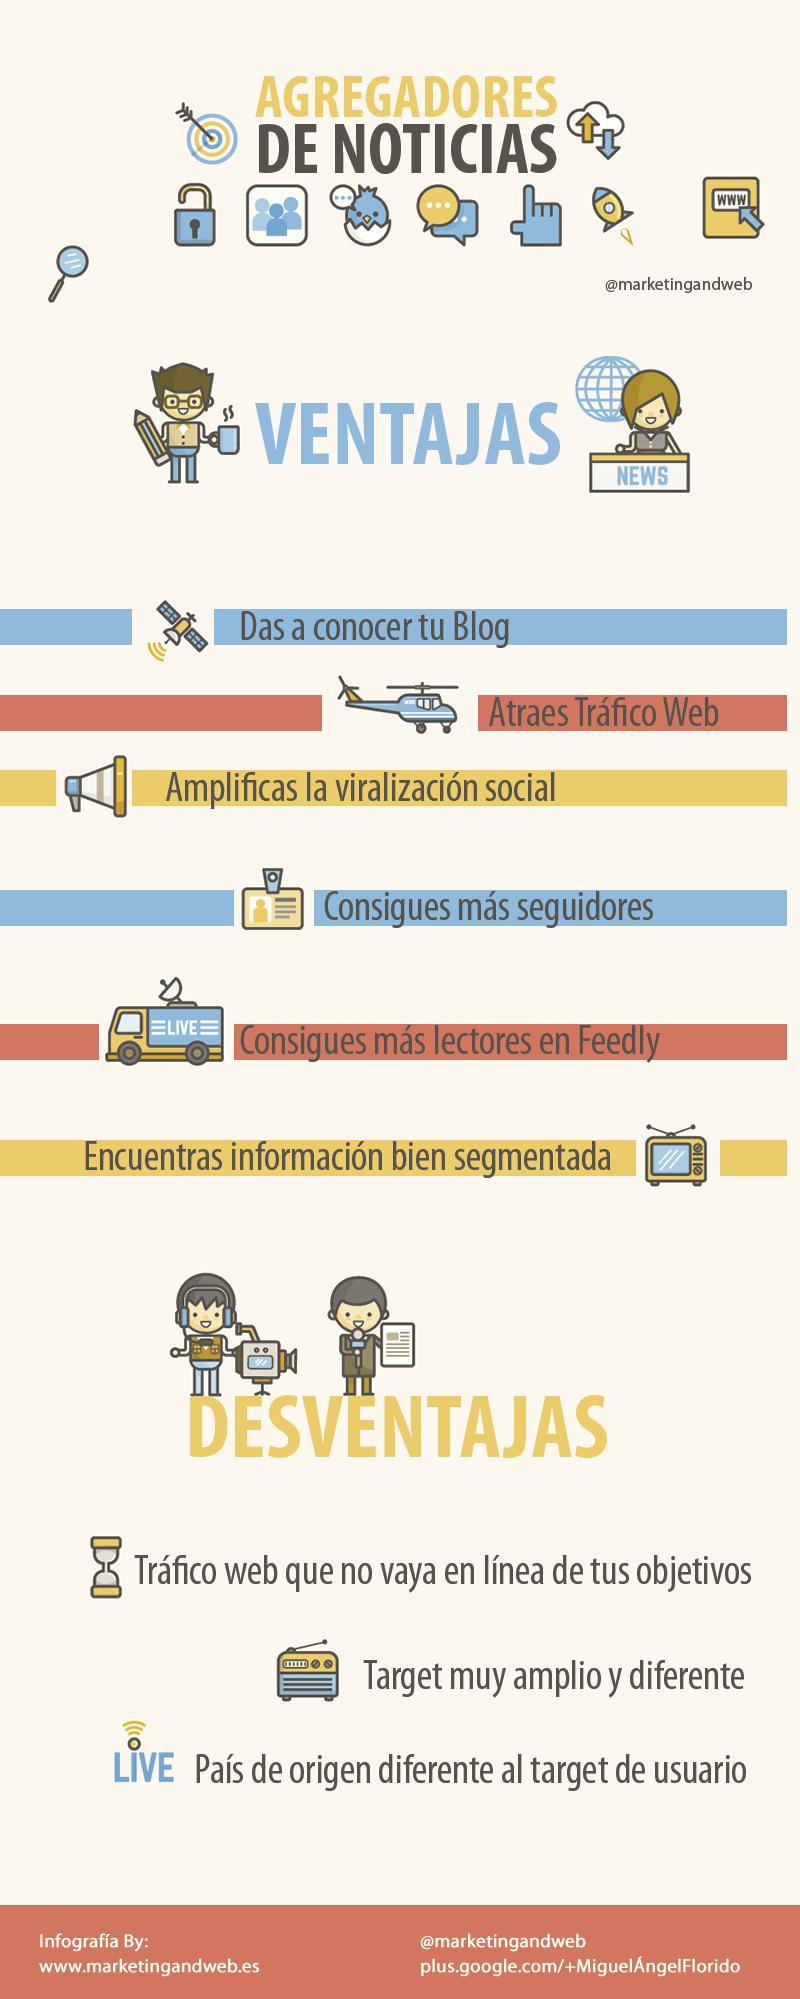 ventajas y desventajas agregadores de noticias infografía